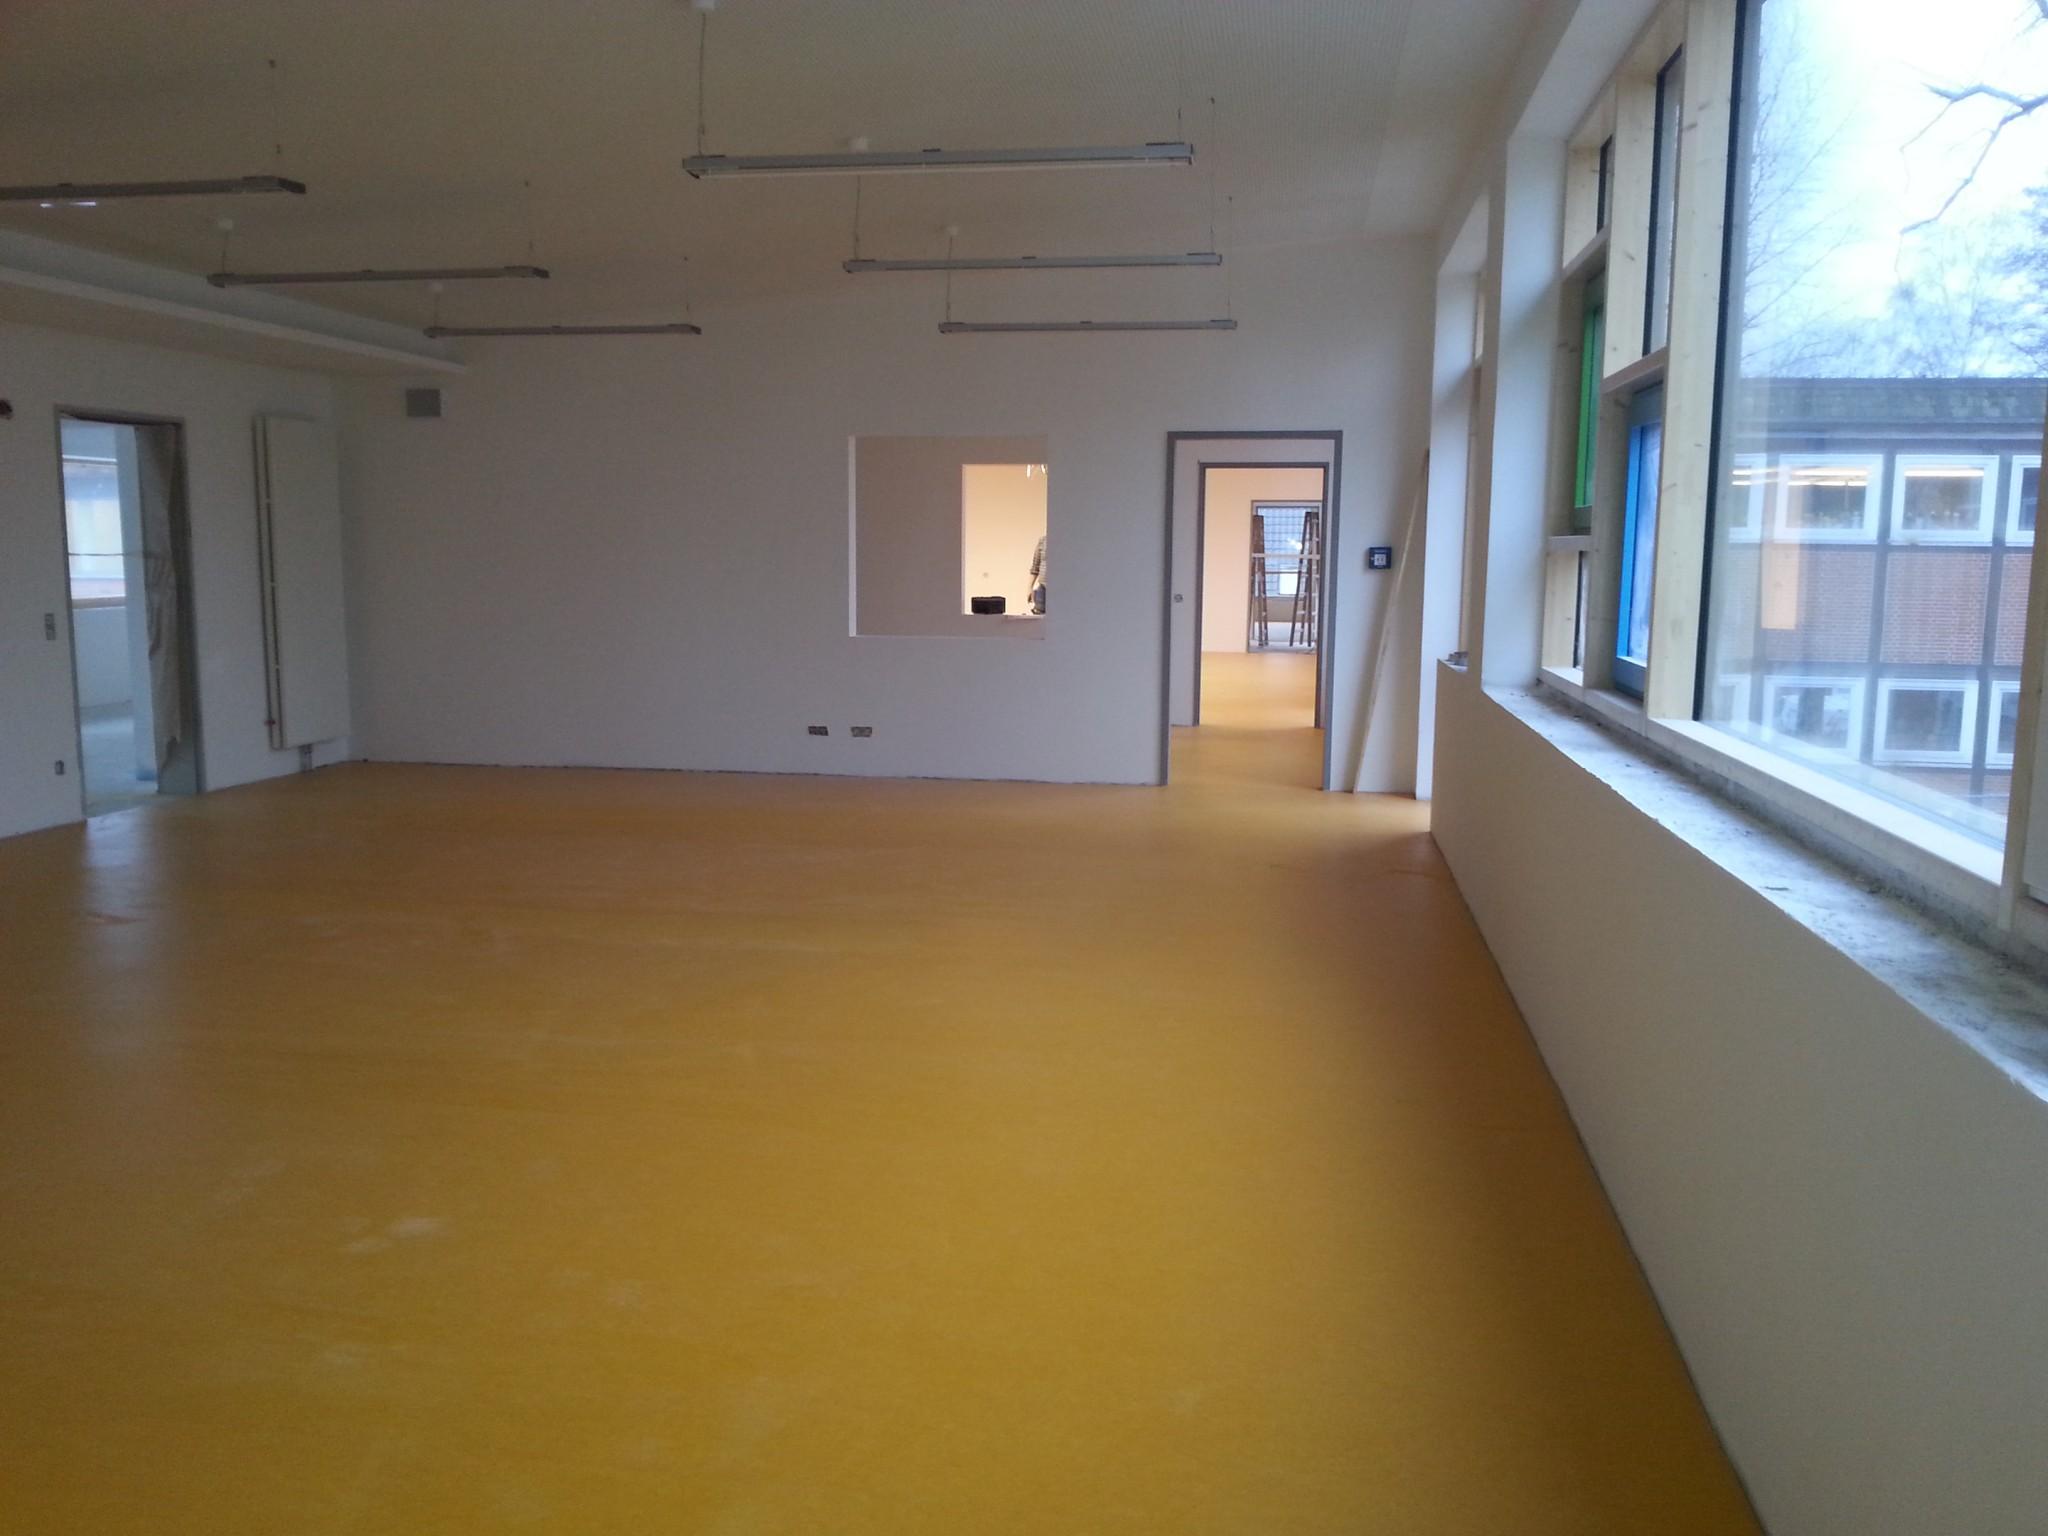 Fußboden Im Neubau ~ Der neubau nimmt form an u schule ochsenwerder